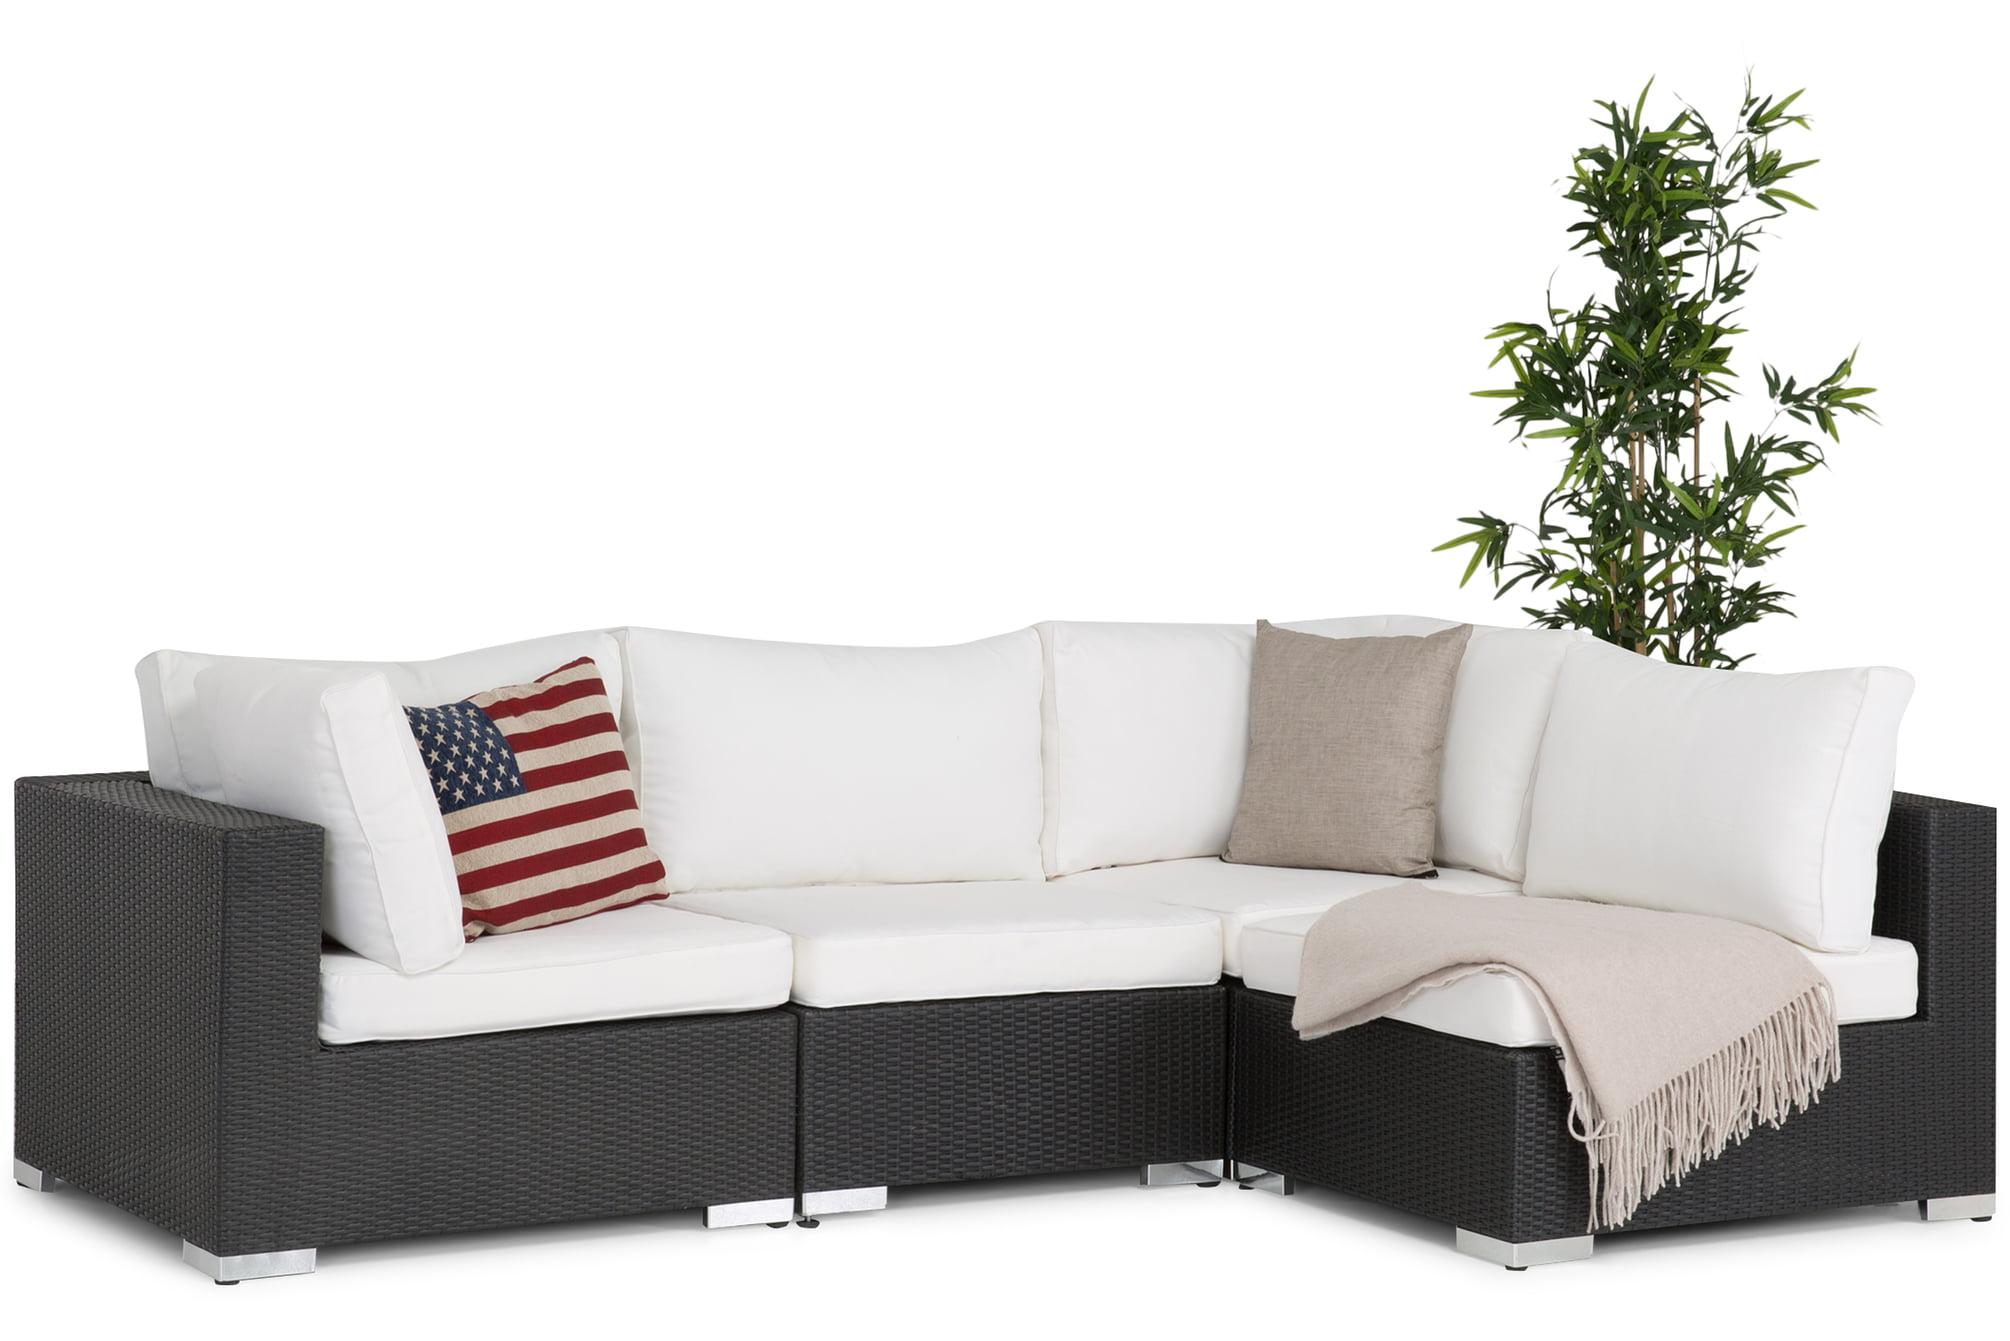 Billig loungesoffa, svart, modern och snygg!